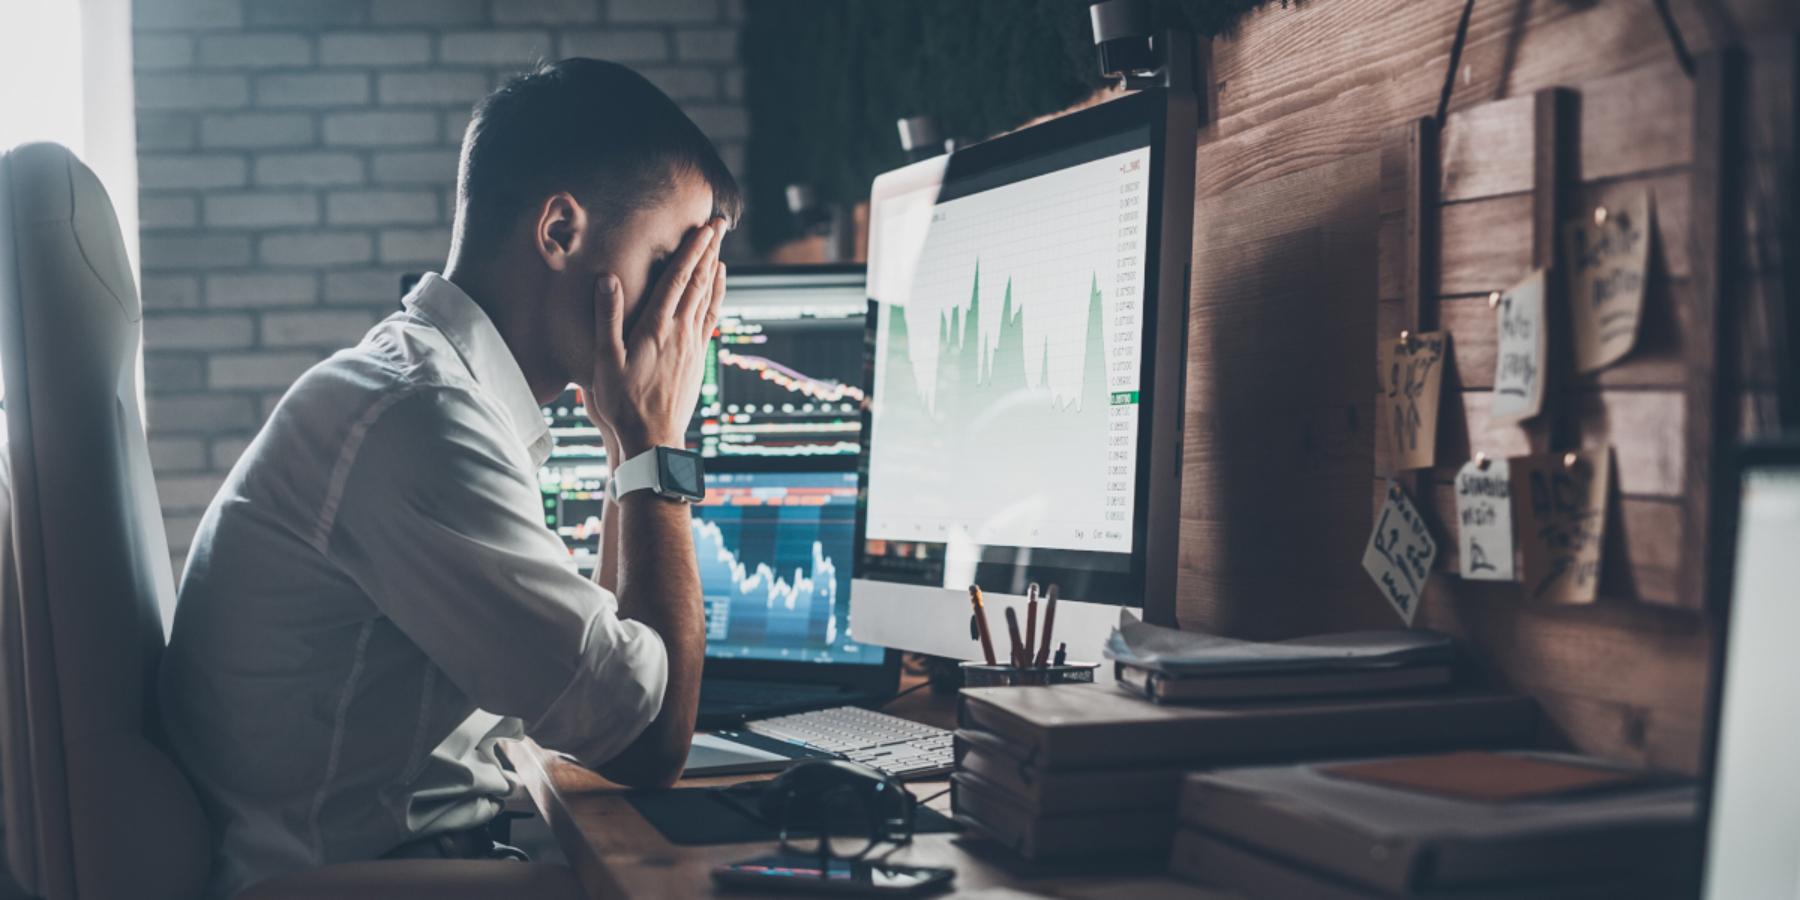 Stres przedsiębiorcy torzecz, zktórą borykać musi się każdy właściciel firmy. Aż 62% przedsiębiorców doświadcza stanów depresyjnych